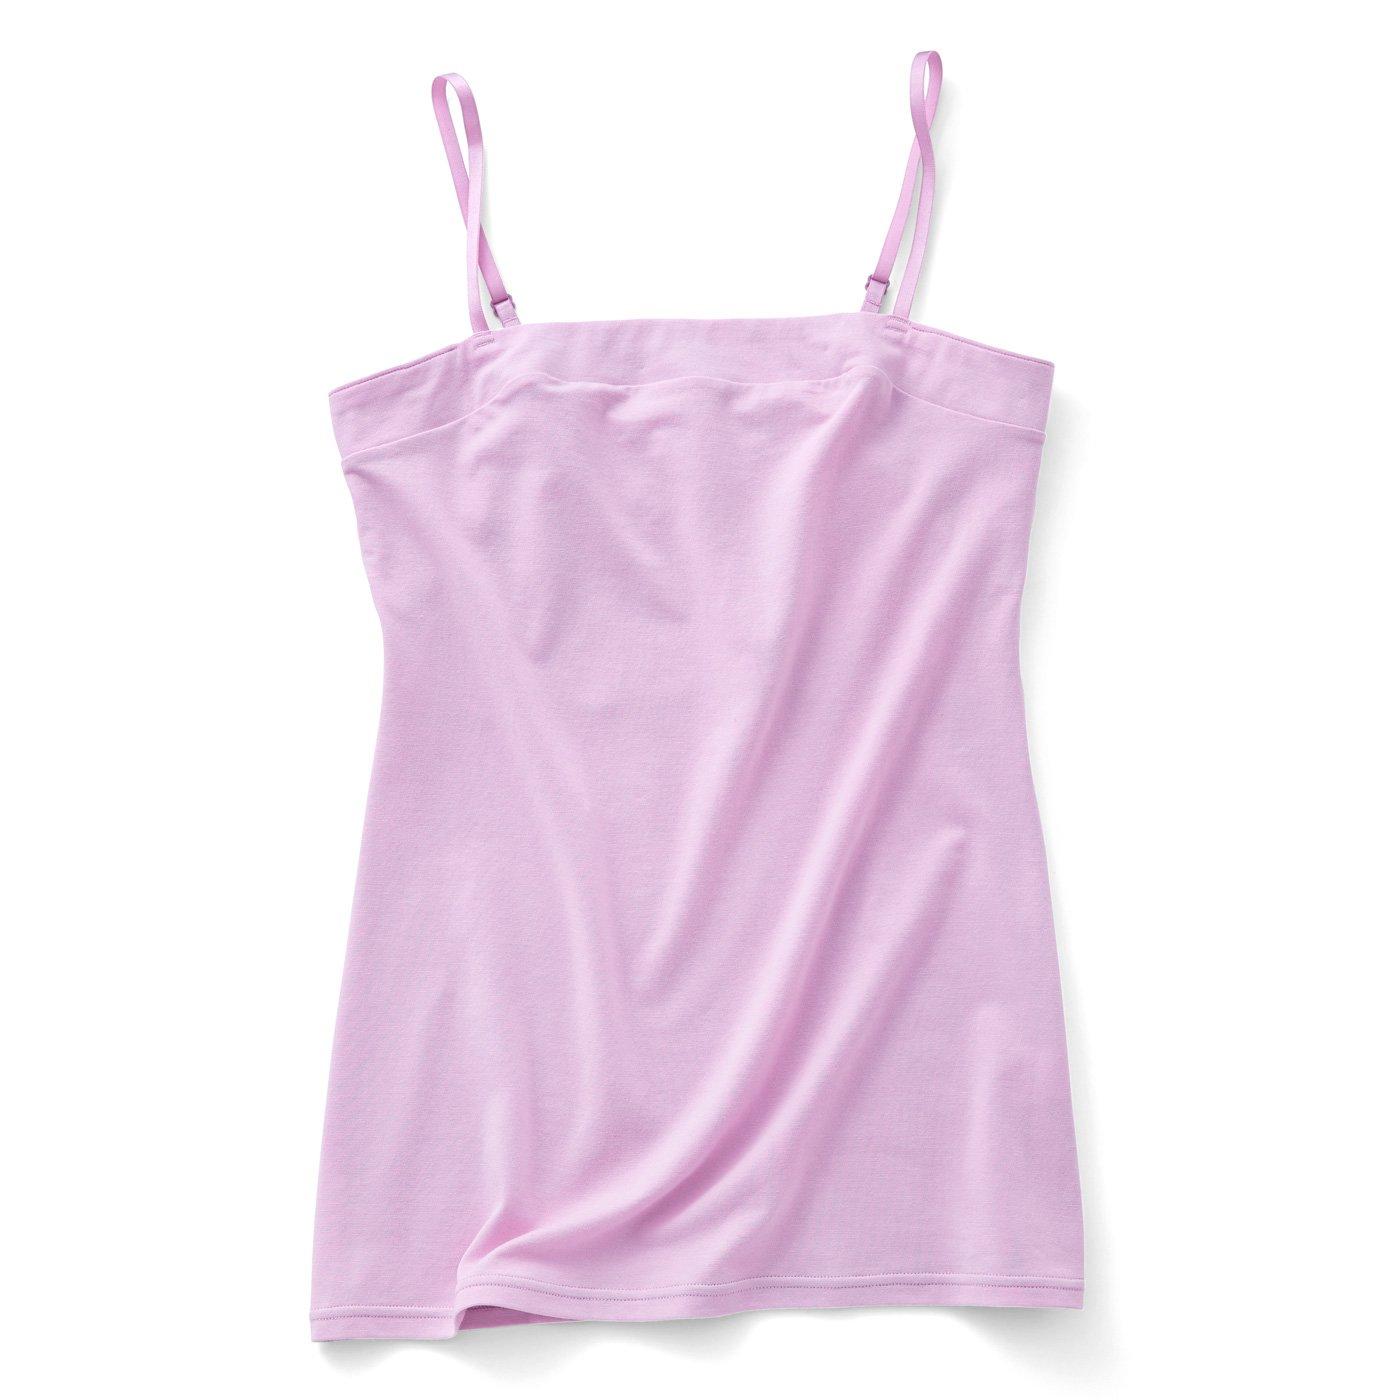 こっそりスマートにエチケット対策 胸汗キャッチャー付きキャミソール〈ピンク〉